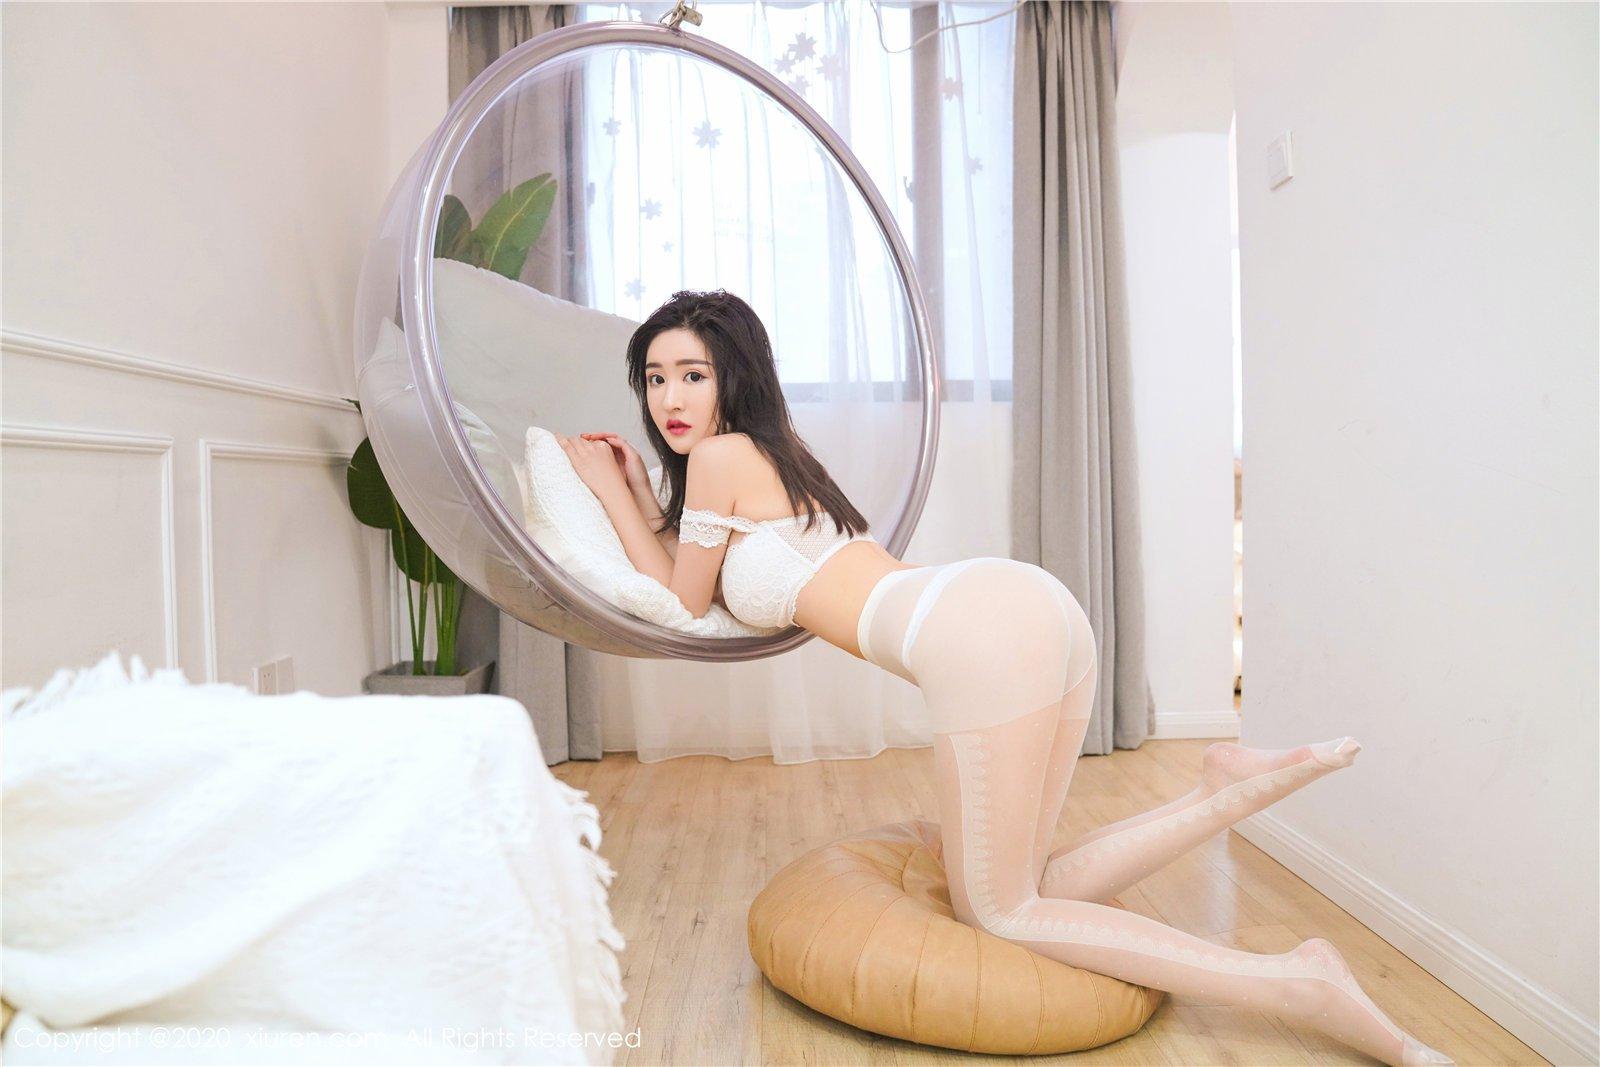 白色丝袜 沈梦瑶(Vol. 2233) 性感mm-第4张